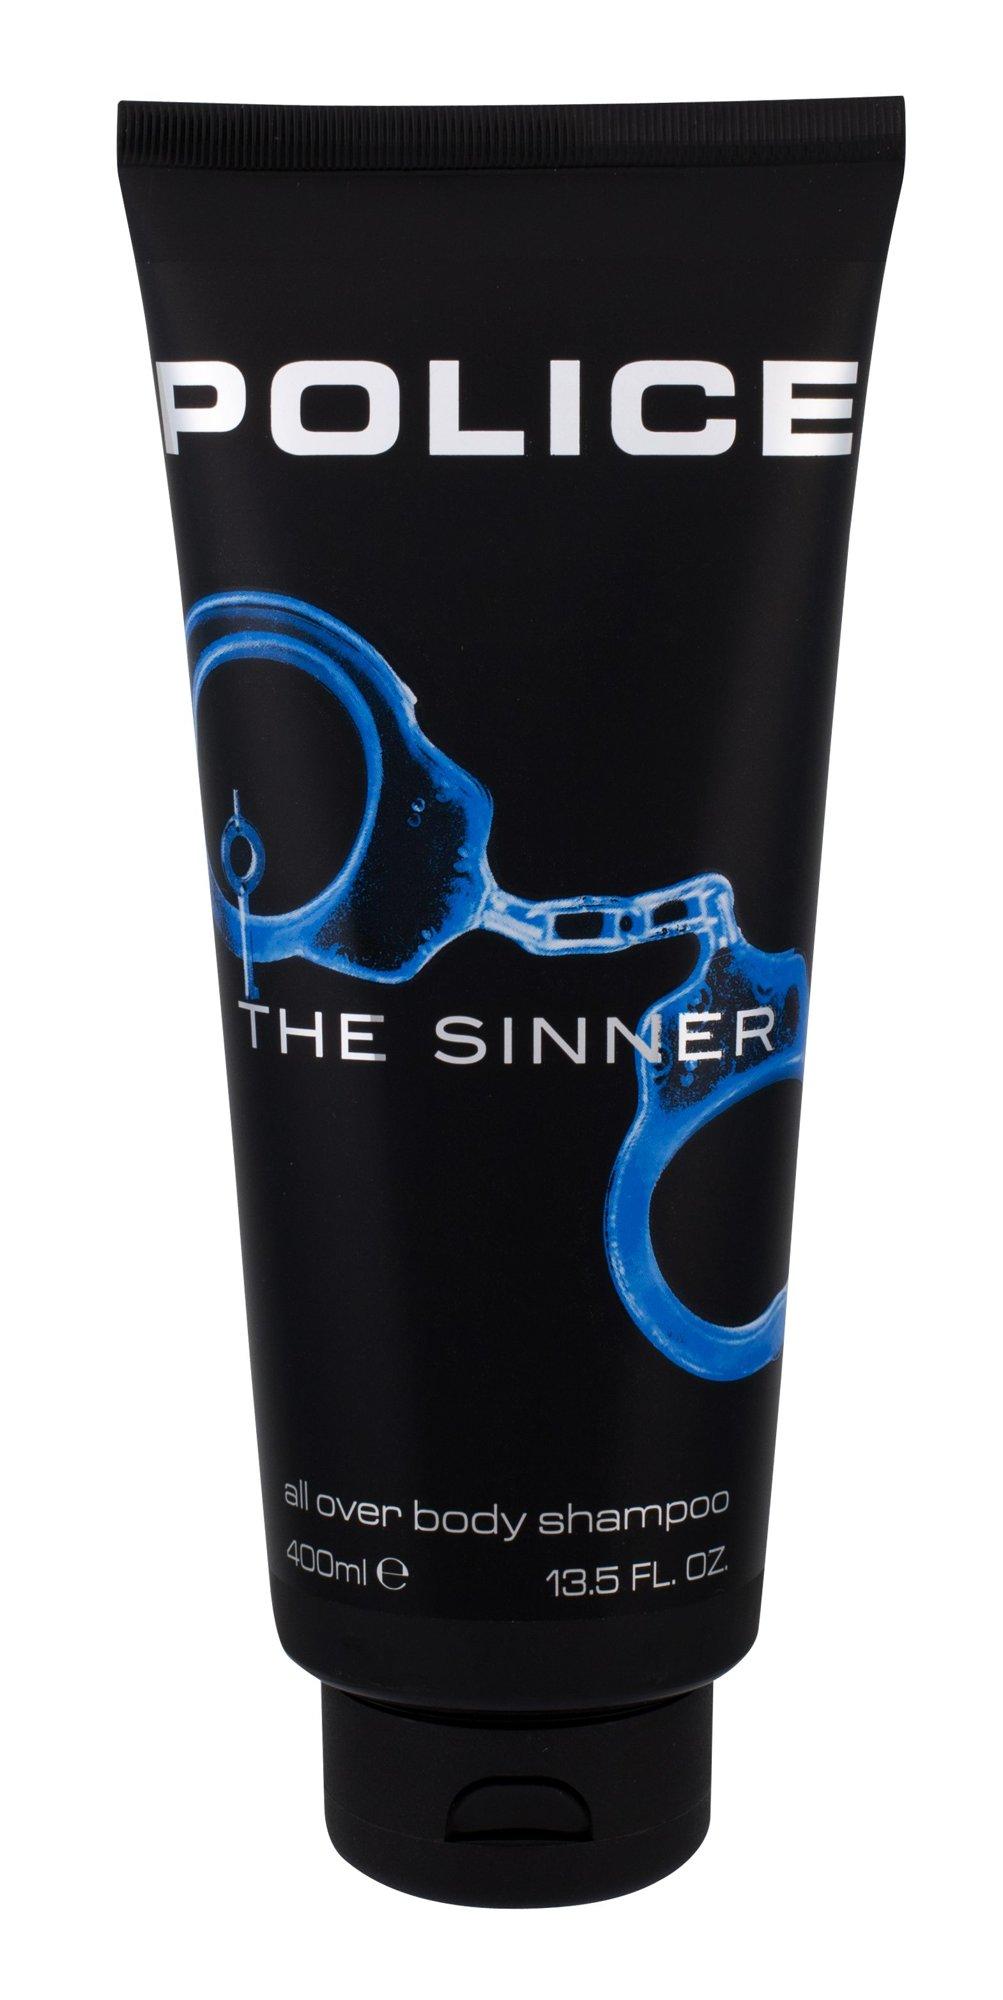 Police The Sinner Shower gel 400ml